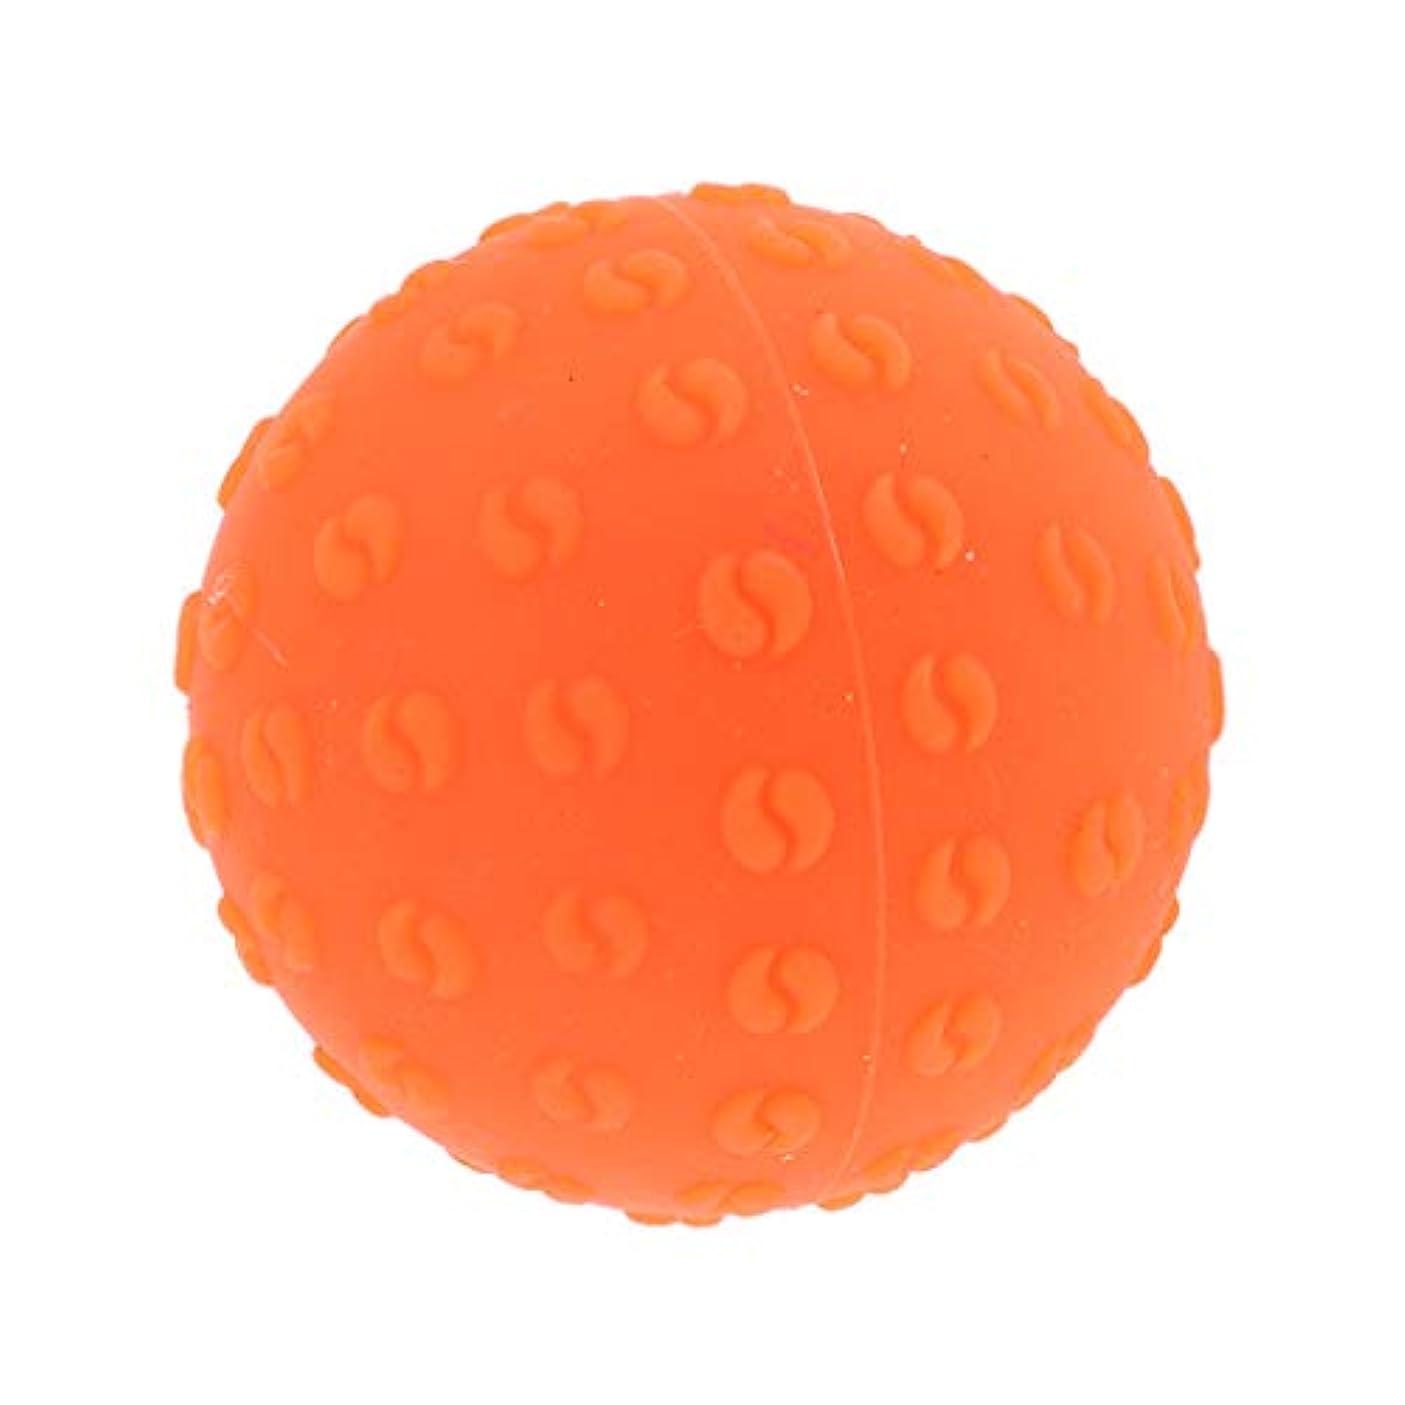 悲観的衛星深めるFenteer マッサージボール 指圧ボール シリコーン トリガーポイント 足底筋膜炎 ヨガ ツボ押しグッズ 全6色 - オレンジ, 説明のとおり